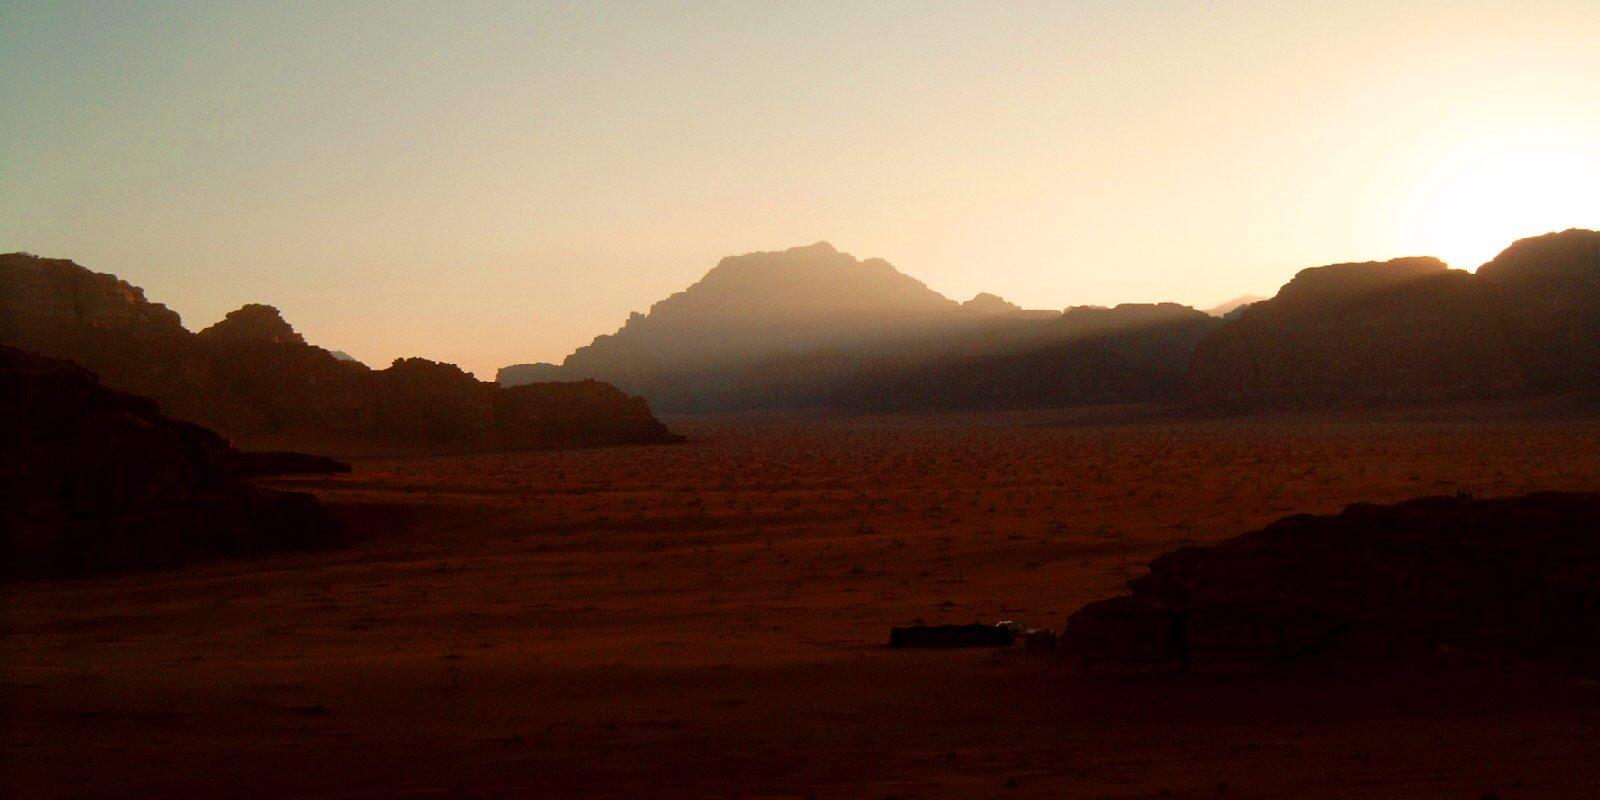 Atardecer en el desierto de Jordania 2